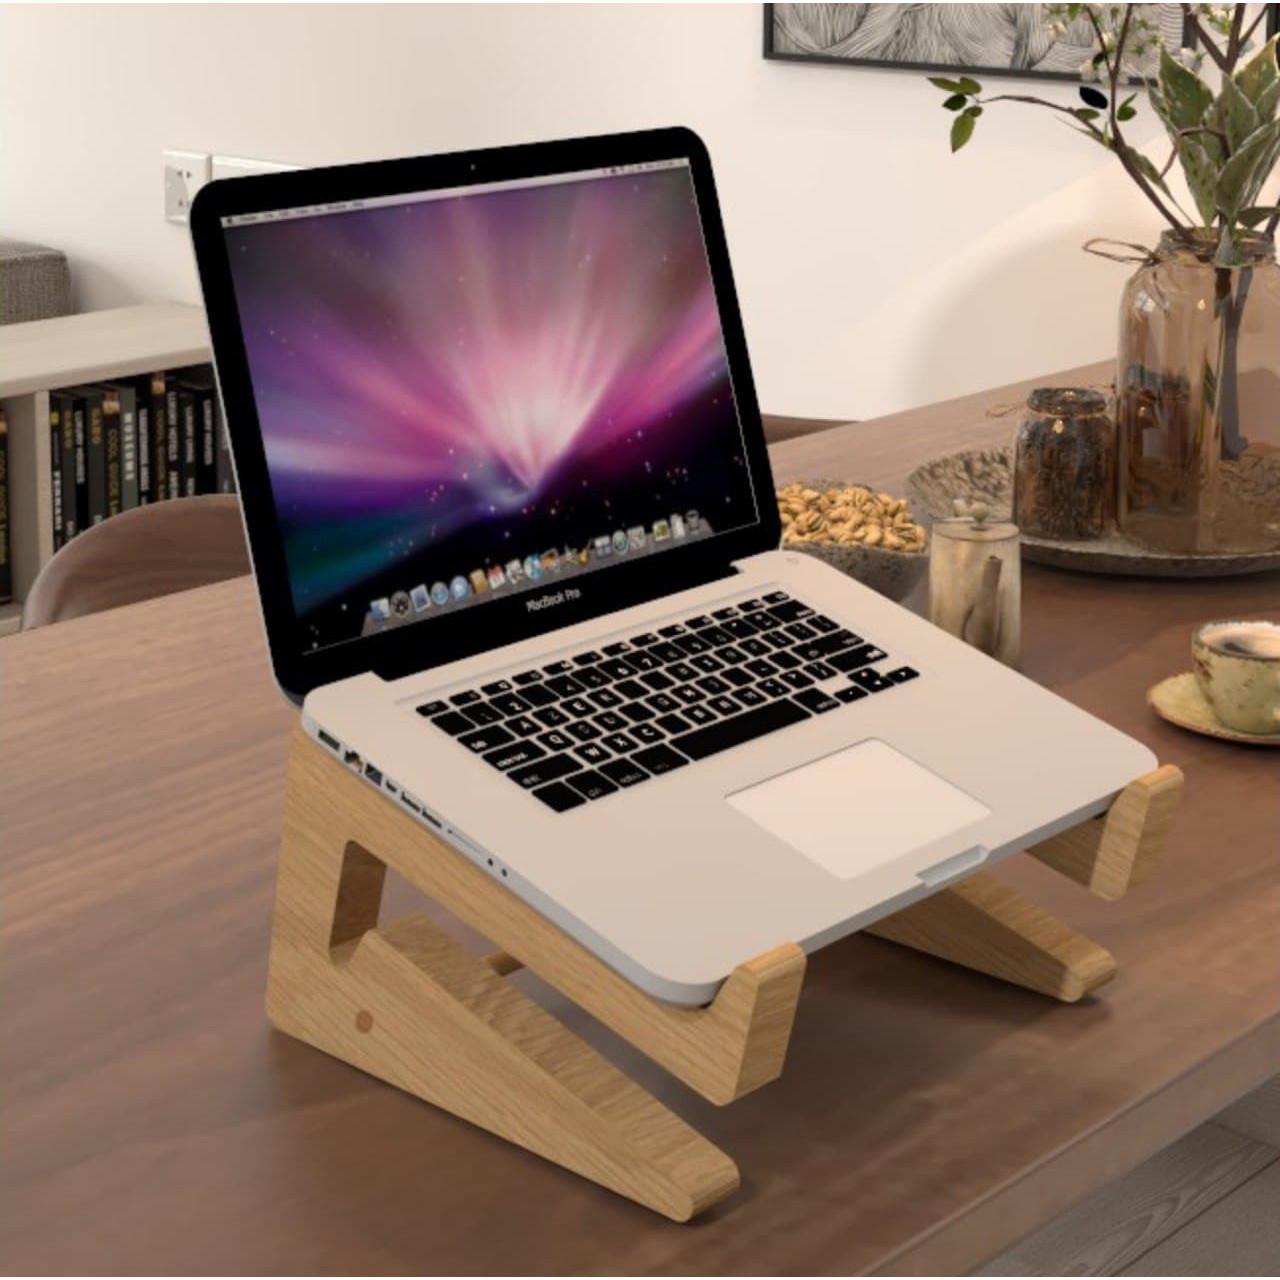 kệ gỗ để bàn máy tính xách tay gỗ loại cao